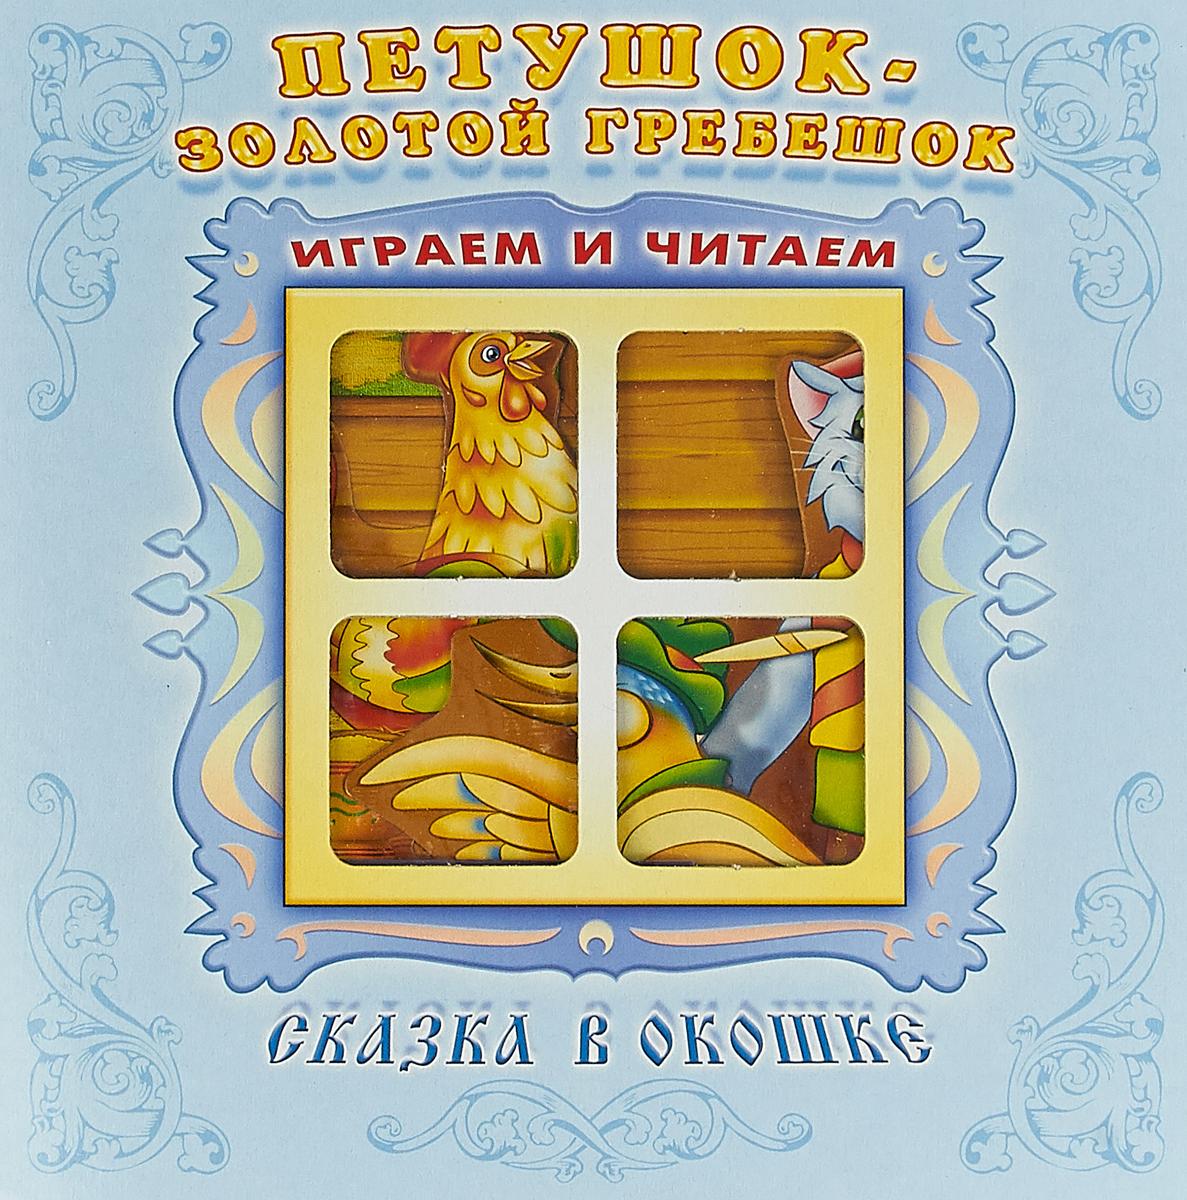 Петушок - Золотой гребешок. Книжка-панорама, Русские народные сказки  - купить со скидкой